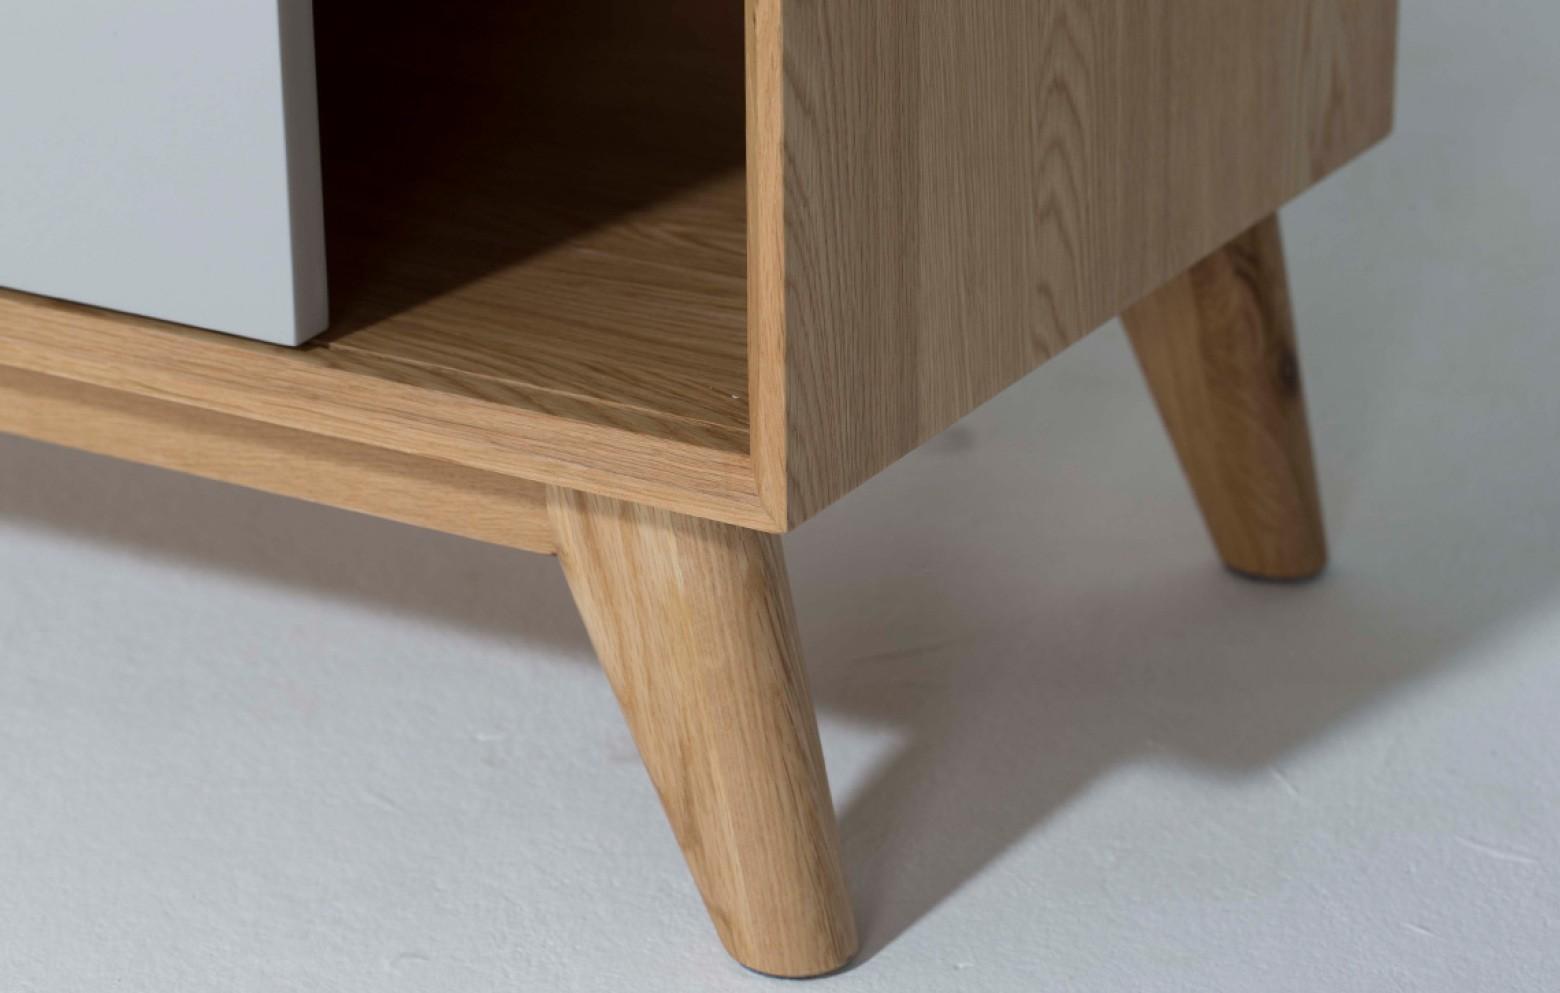 rho lowboard tv m bel sideboards wohnw nde who 39 s. Black Bedroom Furniture Sets. Home Design Ideas